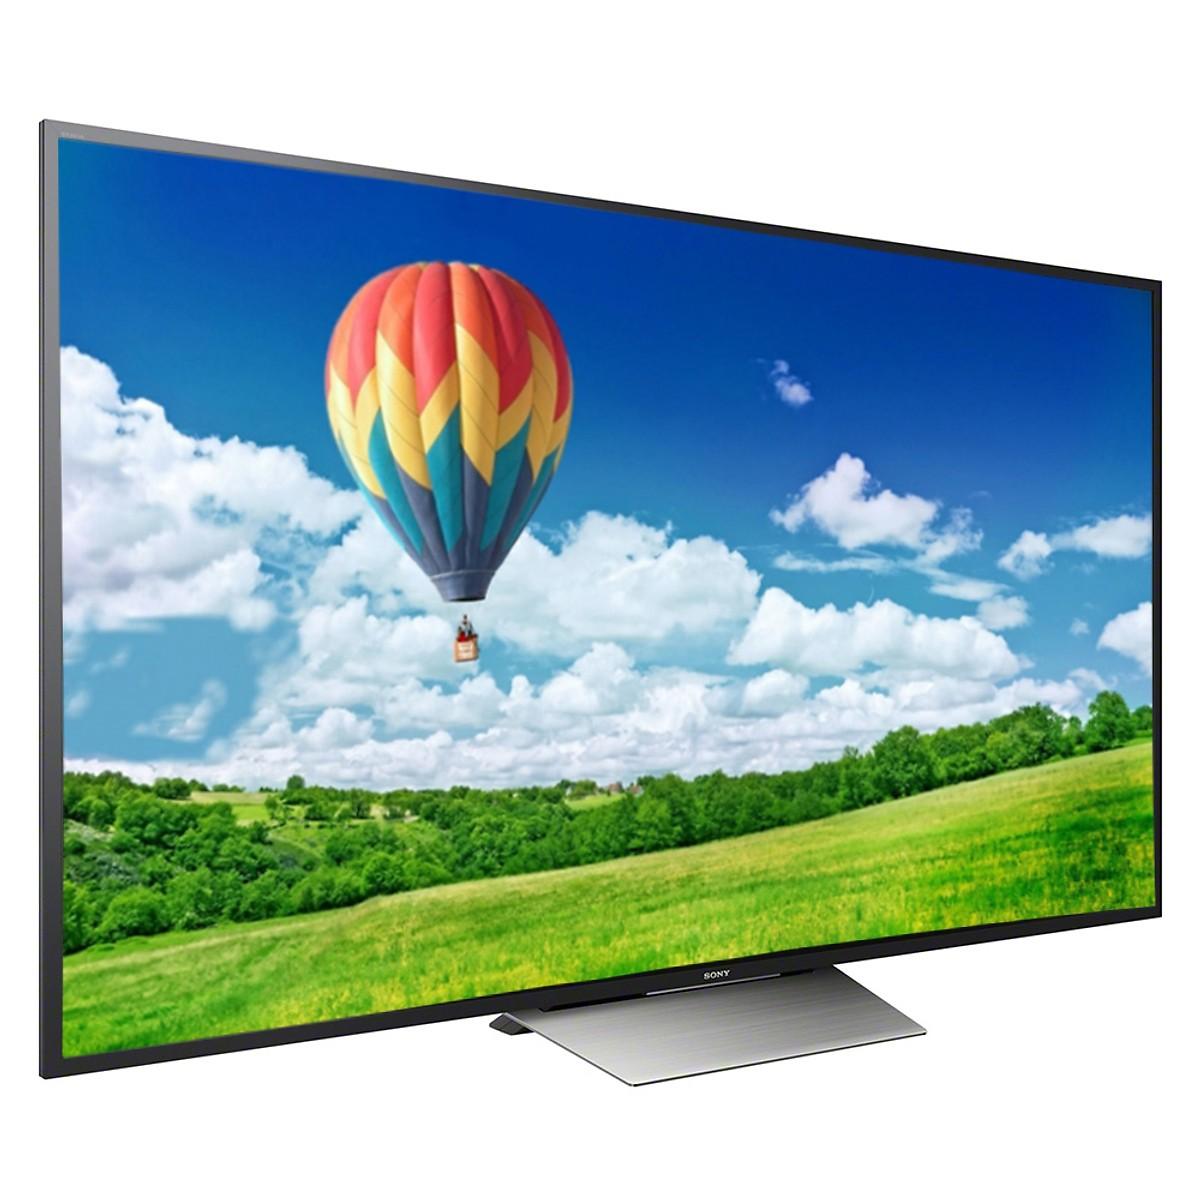 Smart Tivi 4K Sony 65 inch KD-65X8500D - Hàng Chính Hãng - 18638979 , 3298495728265 , 62_23018610 , 61900000 , Smart-Tivi-4K-Sony-65-inch-KD-65X8500D-Hang-Chinh-Hang-62_23018610 , tiki.vn , Smart Tivi 4K Sony 65 inch KD-65X8500D - Hàng Chính Hãng